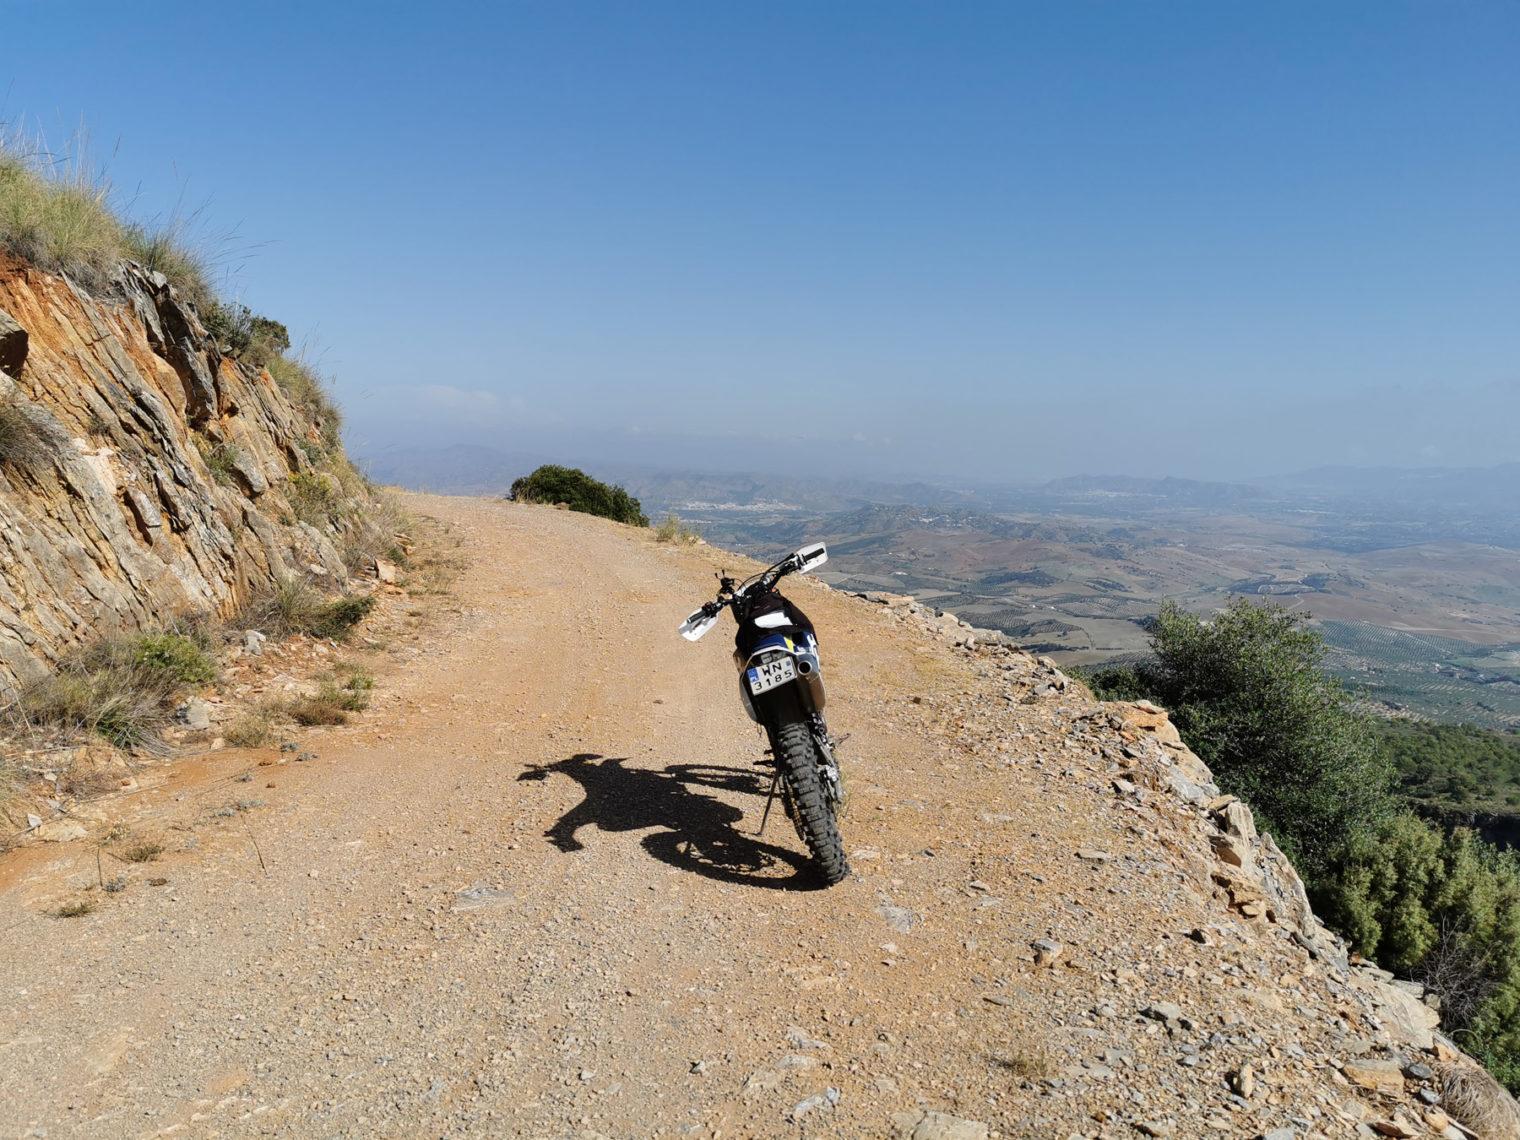 Szkolenie enduro Hiszpania Andaluzja MotoPomocni